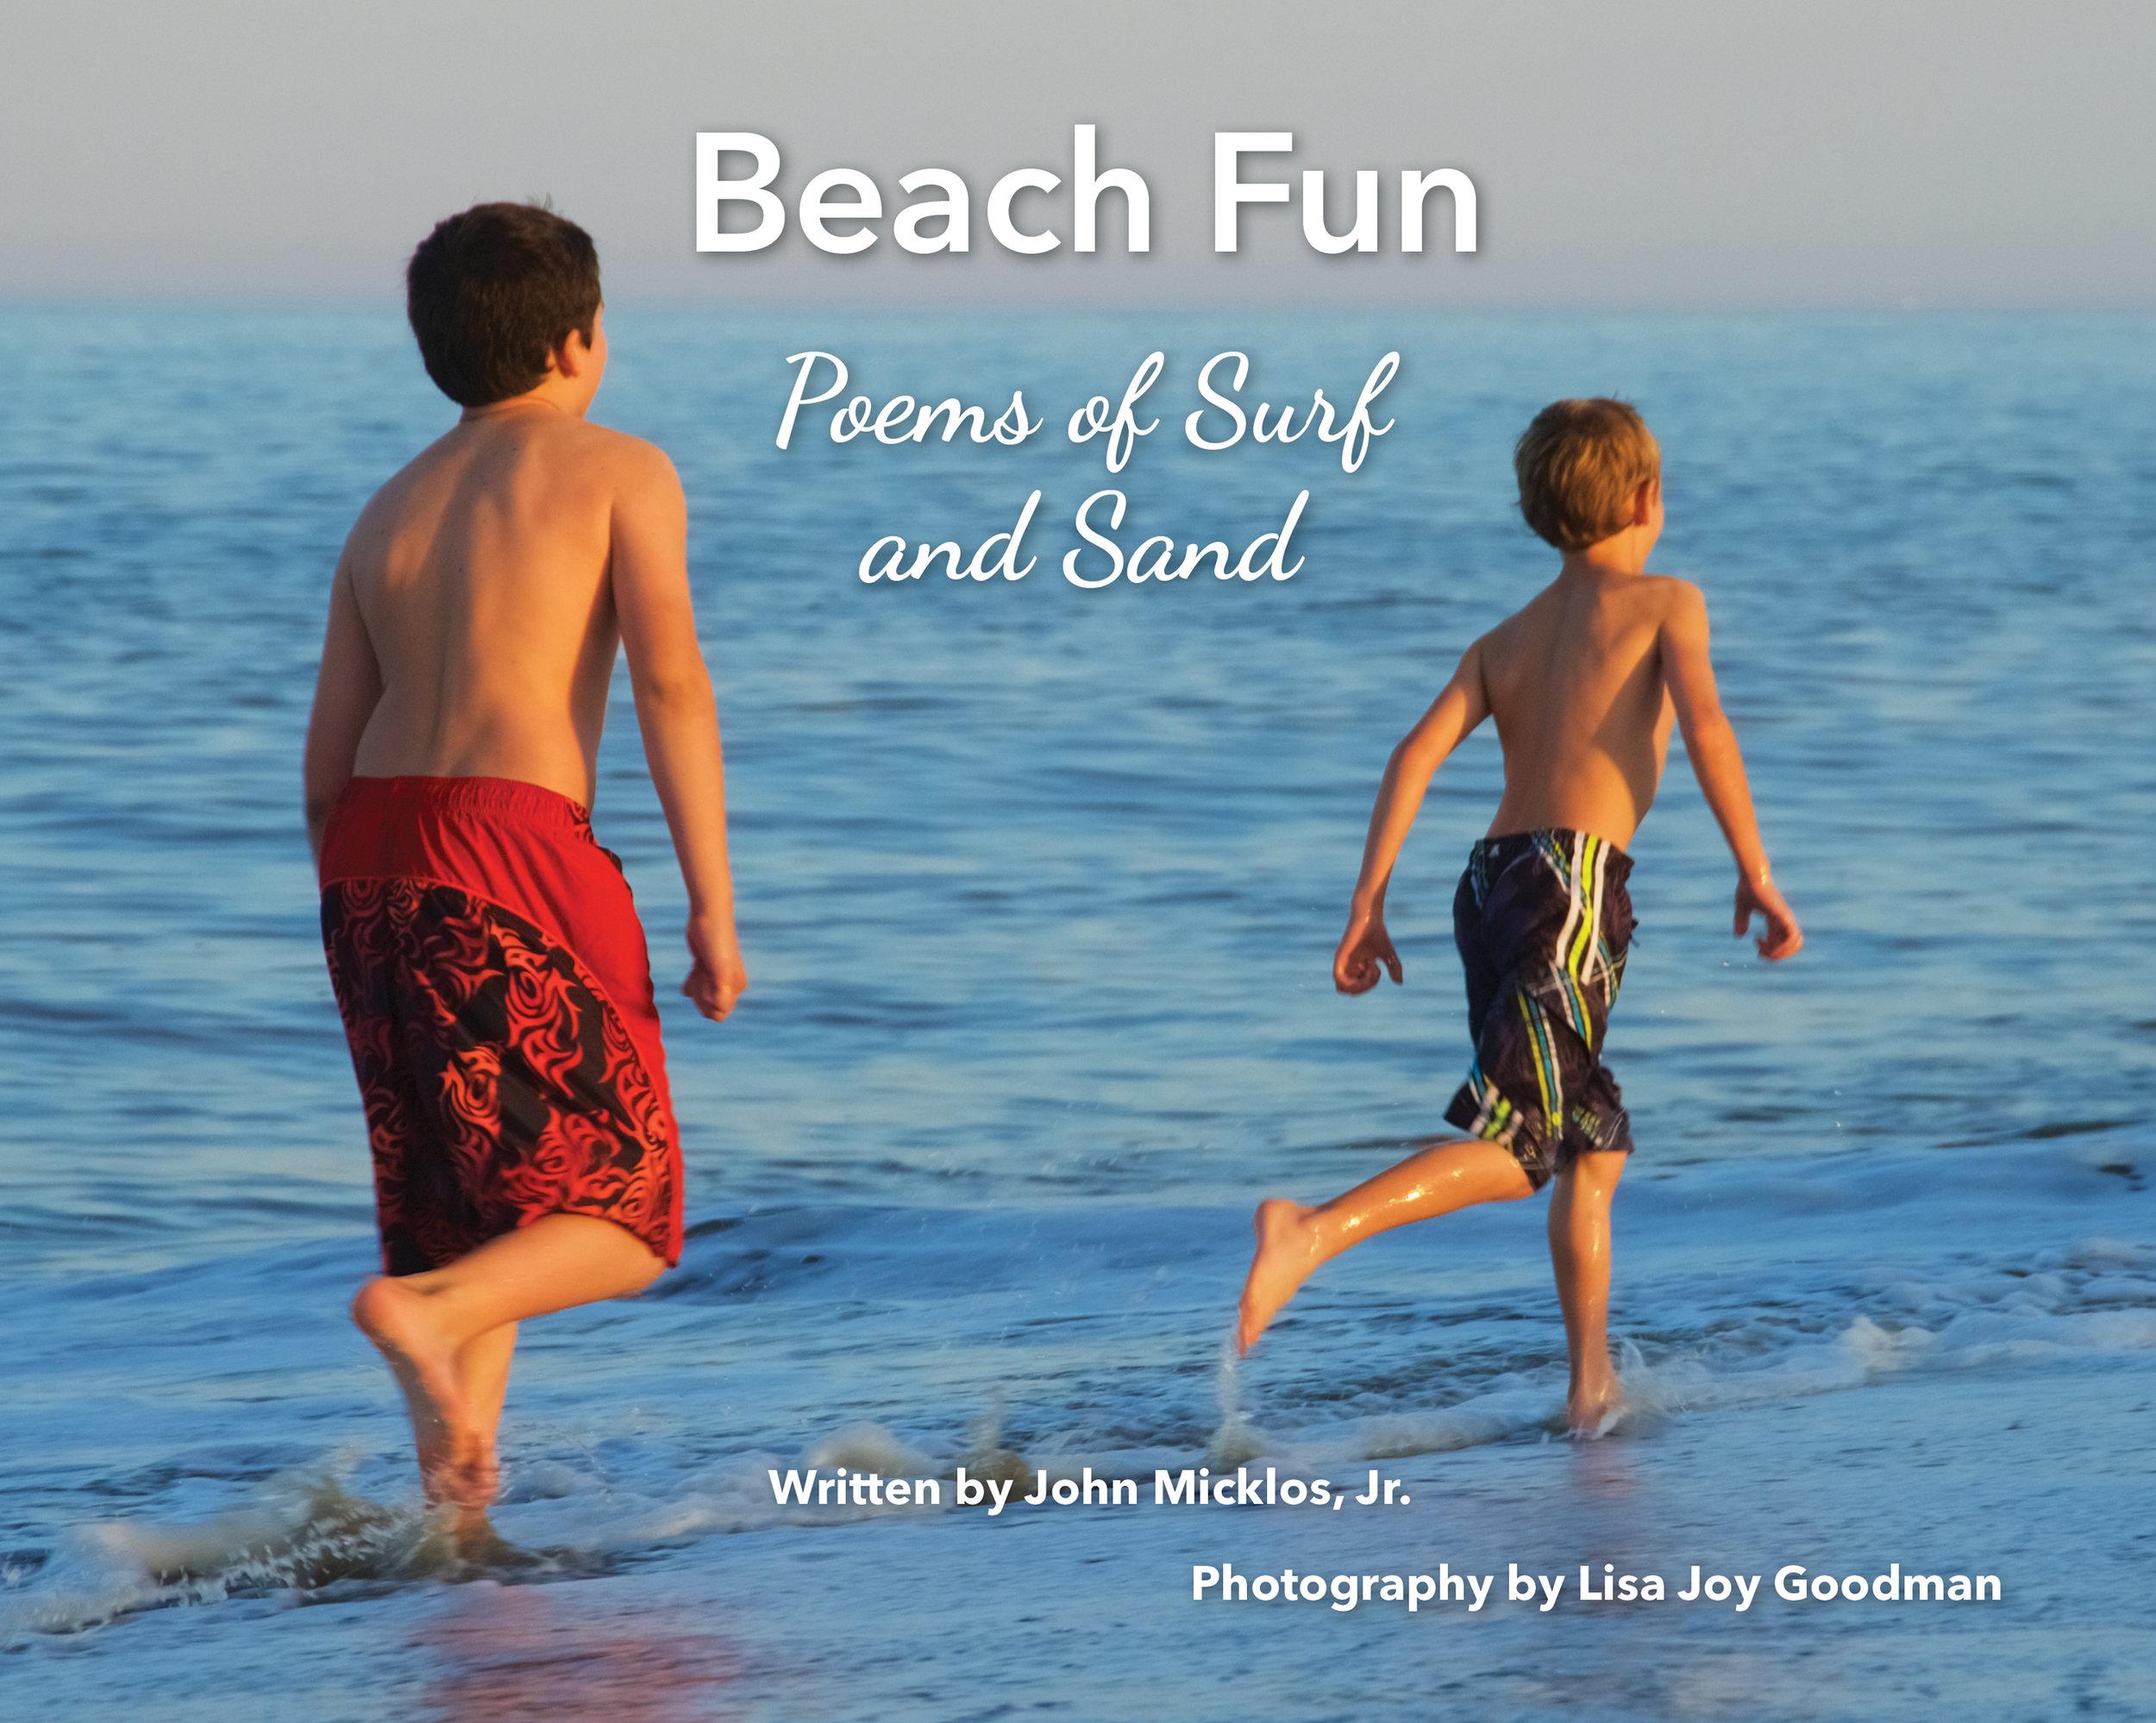 but-teen-dream-proves-beach-hilary-swank-sex-tape